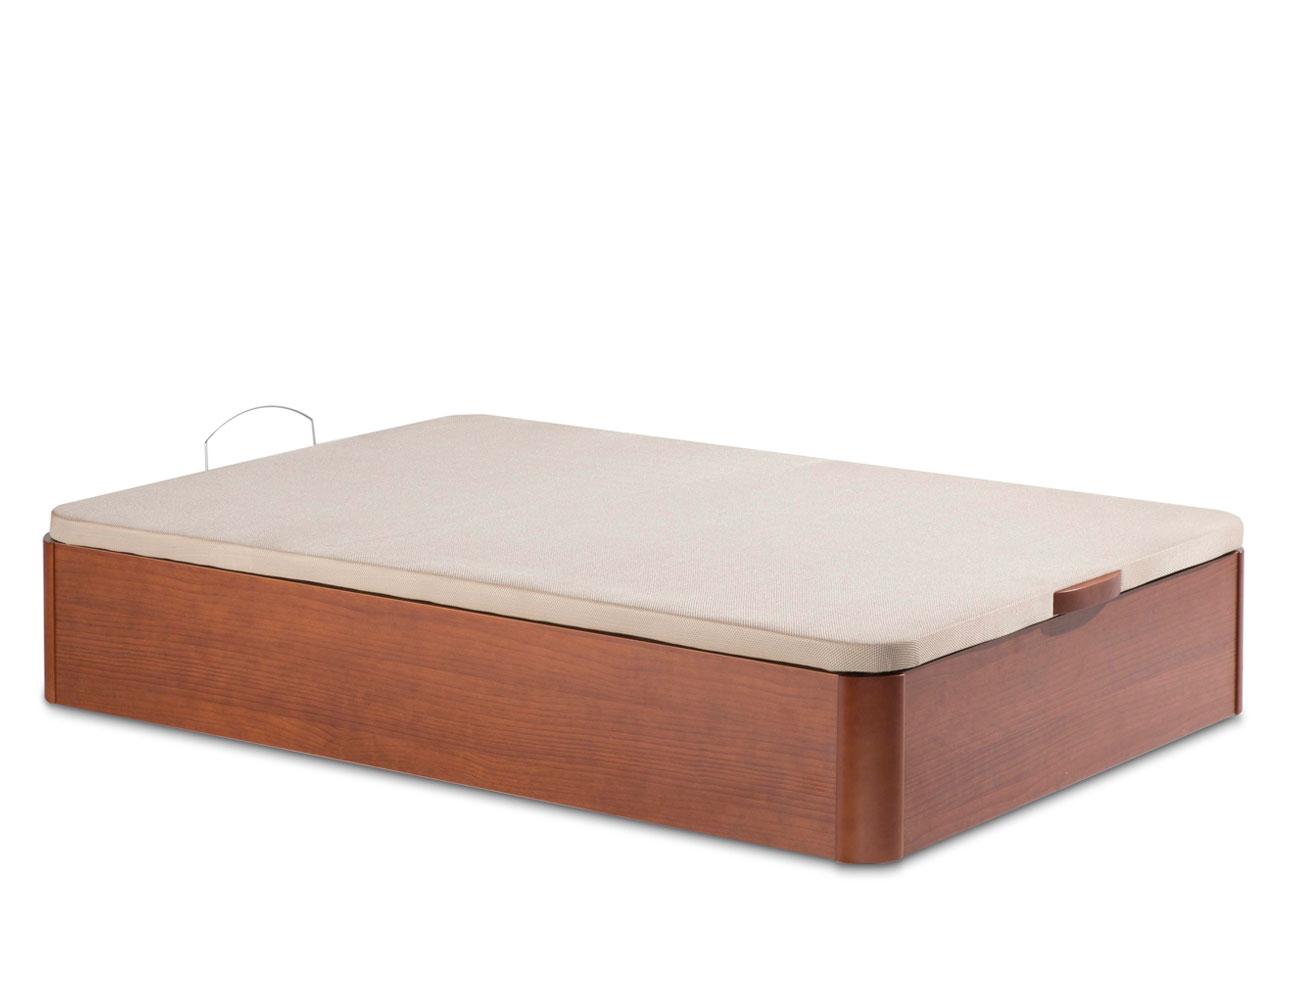 Canape madera base 3d 7319